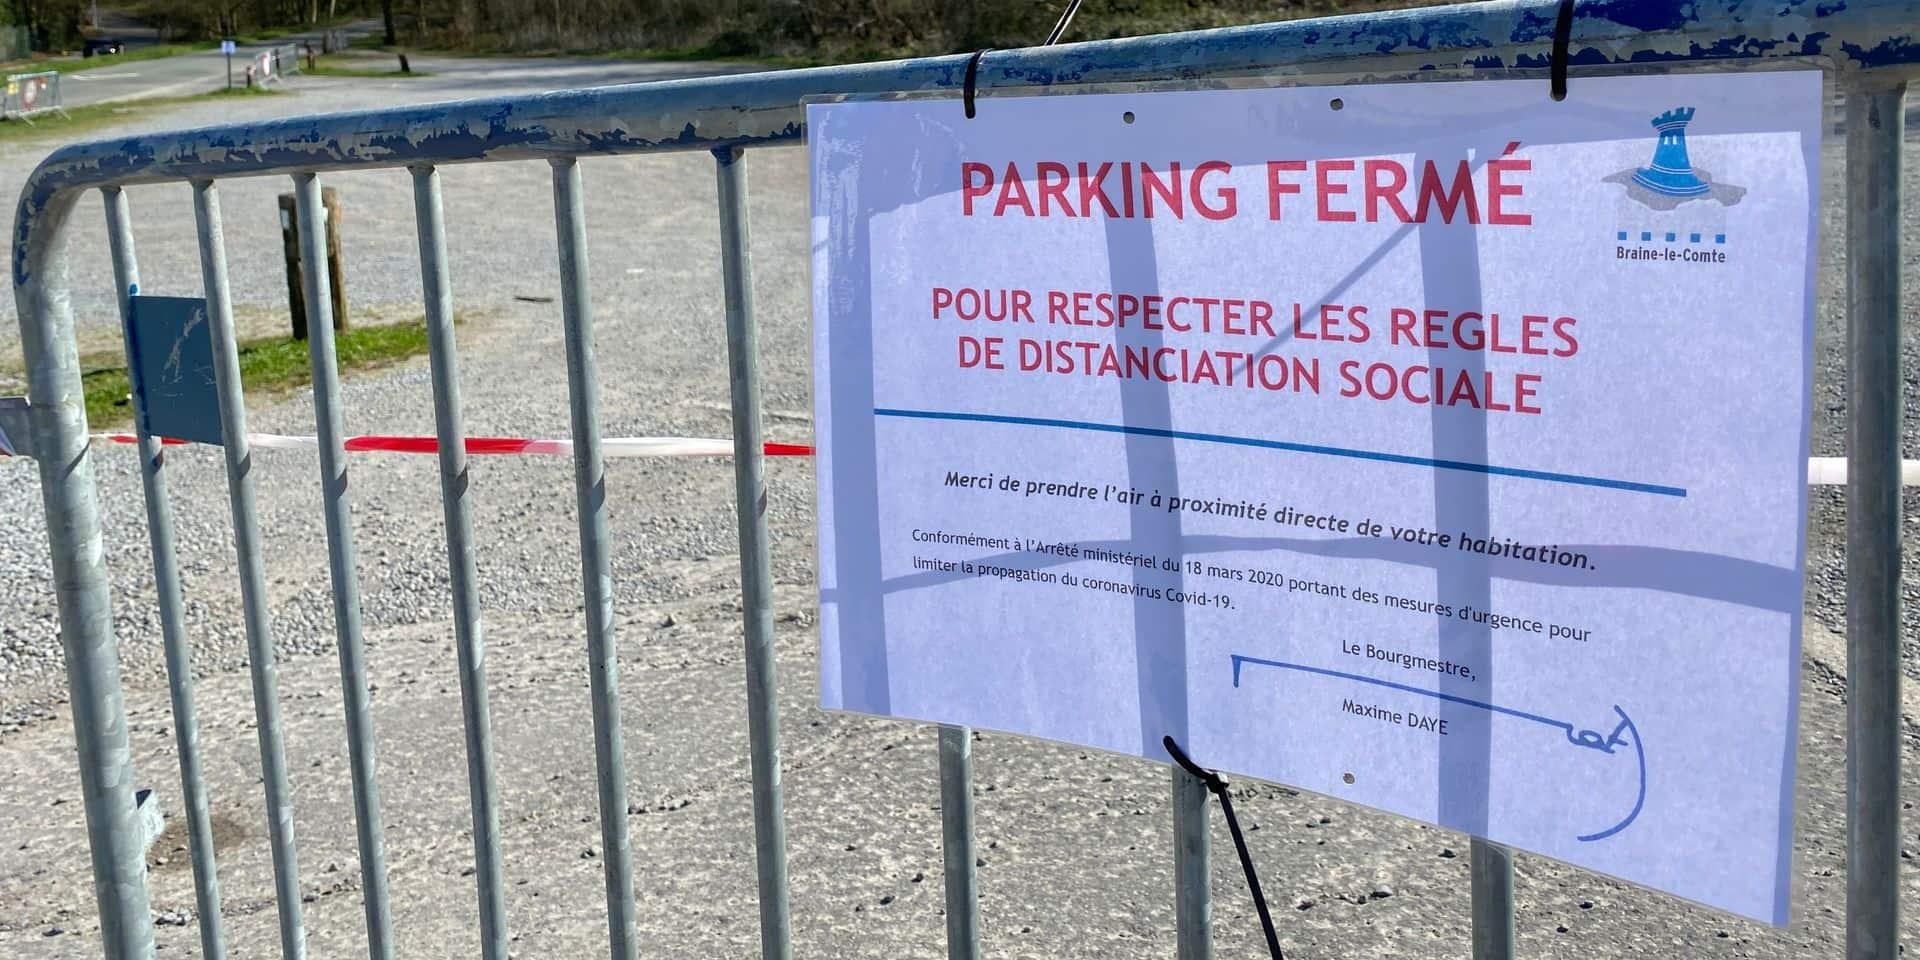 """Braine-le-Comte: des parkings fermés pour éviter les promeneurs """"extérieurs"""""""